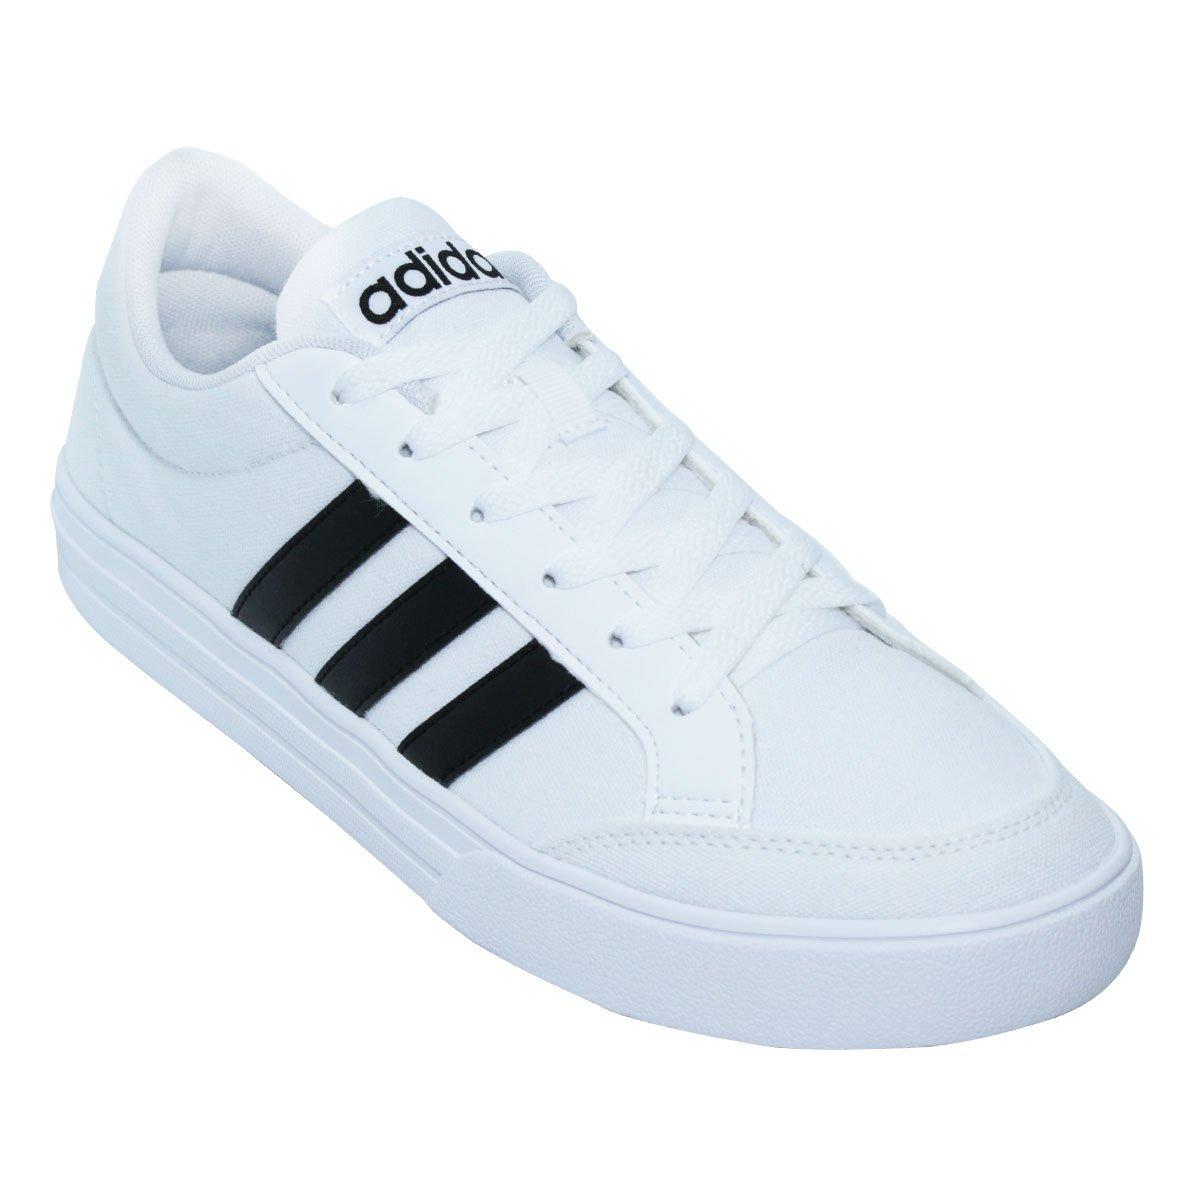 caec813f8ae Tênis Adidas VS Set AW3889 - Compre Agora